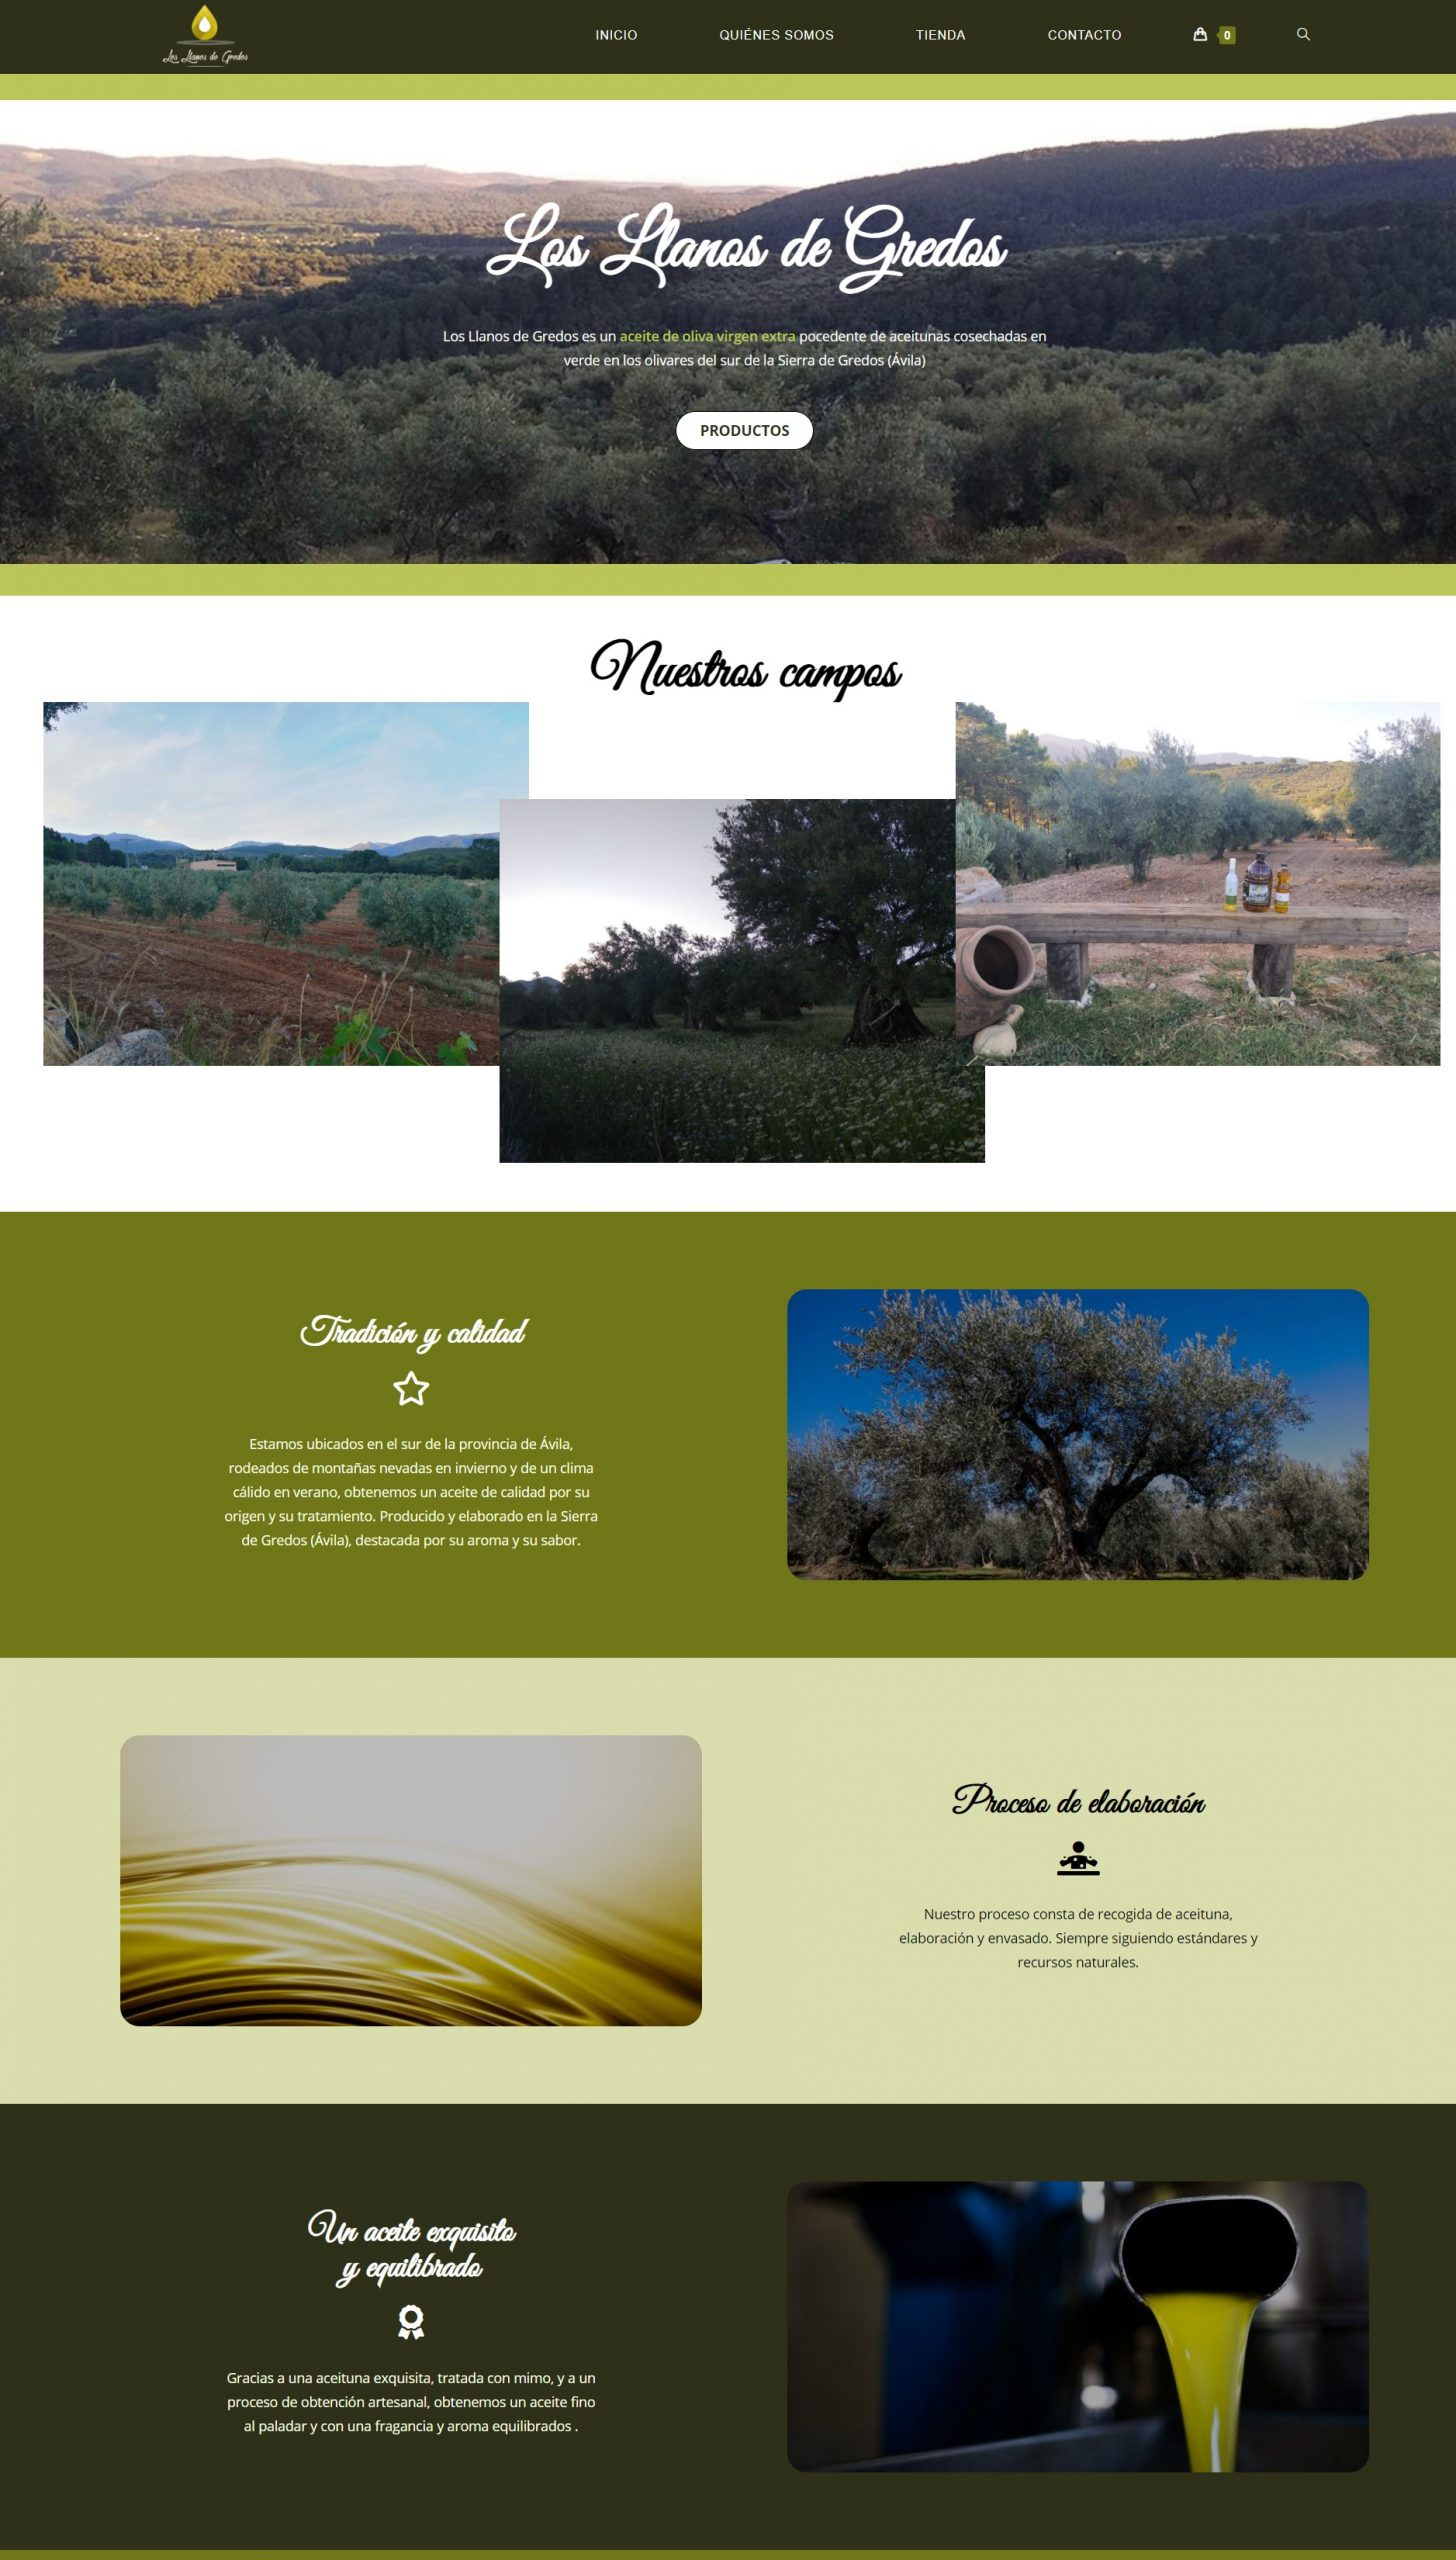 Los Llanos de Gredos